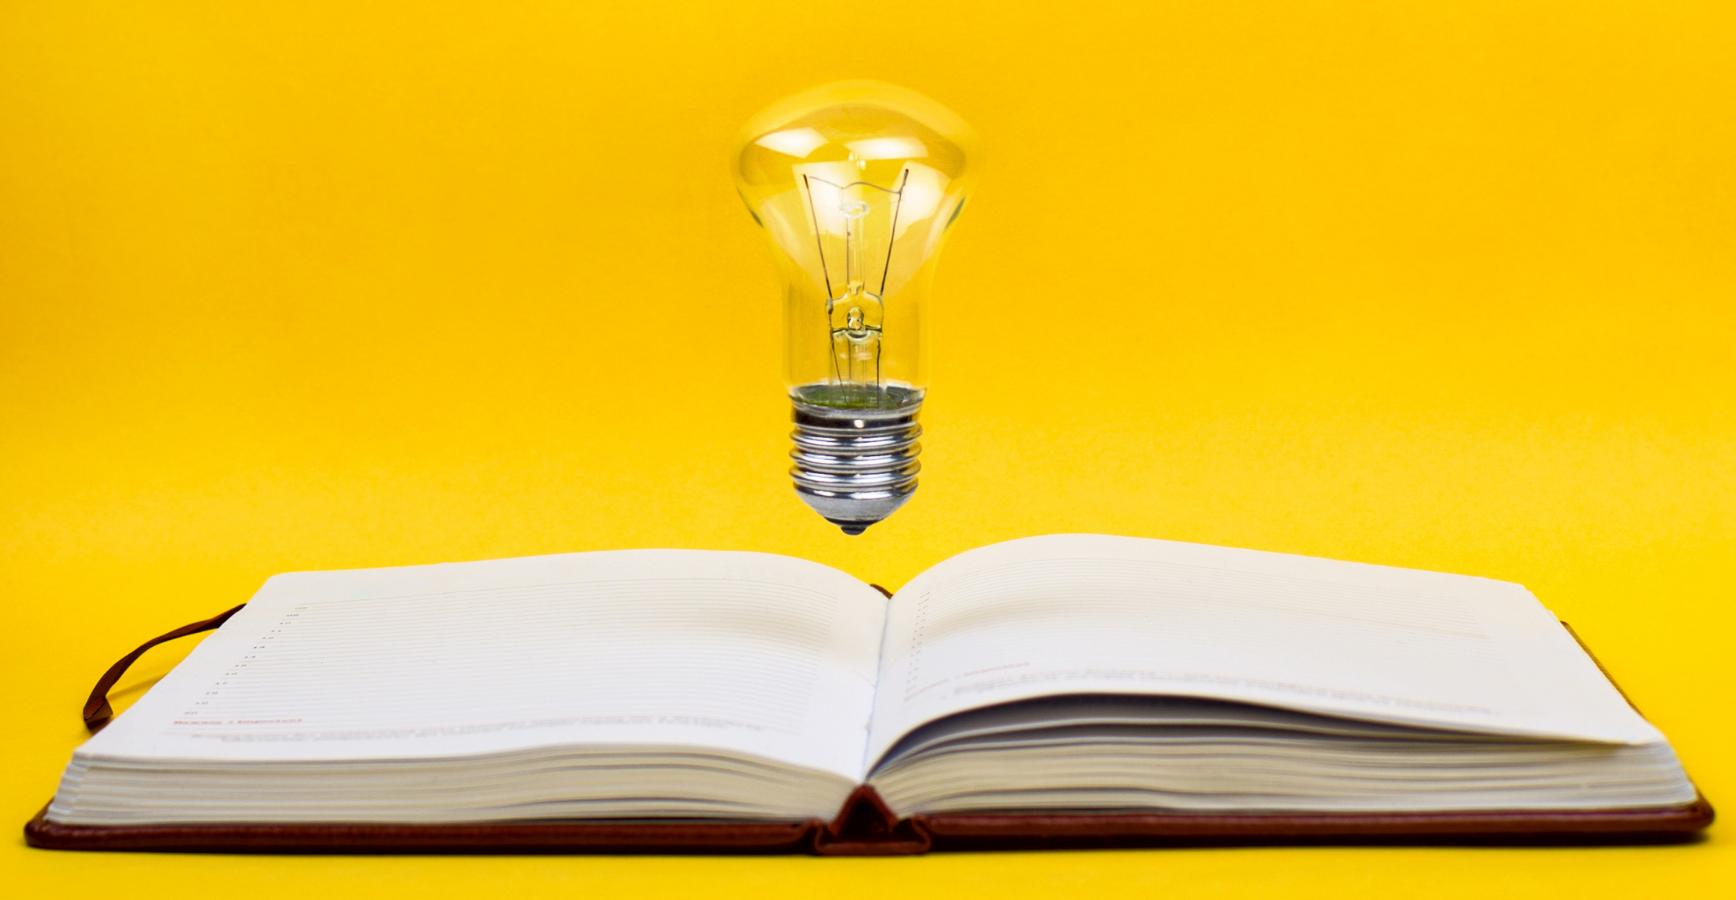 Como crear más y mejores contenidos para blogs y redes sociales